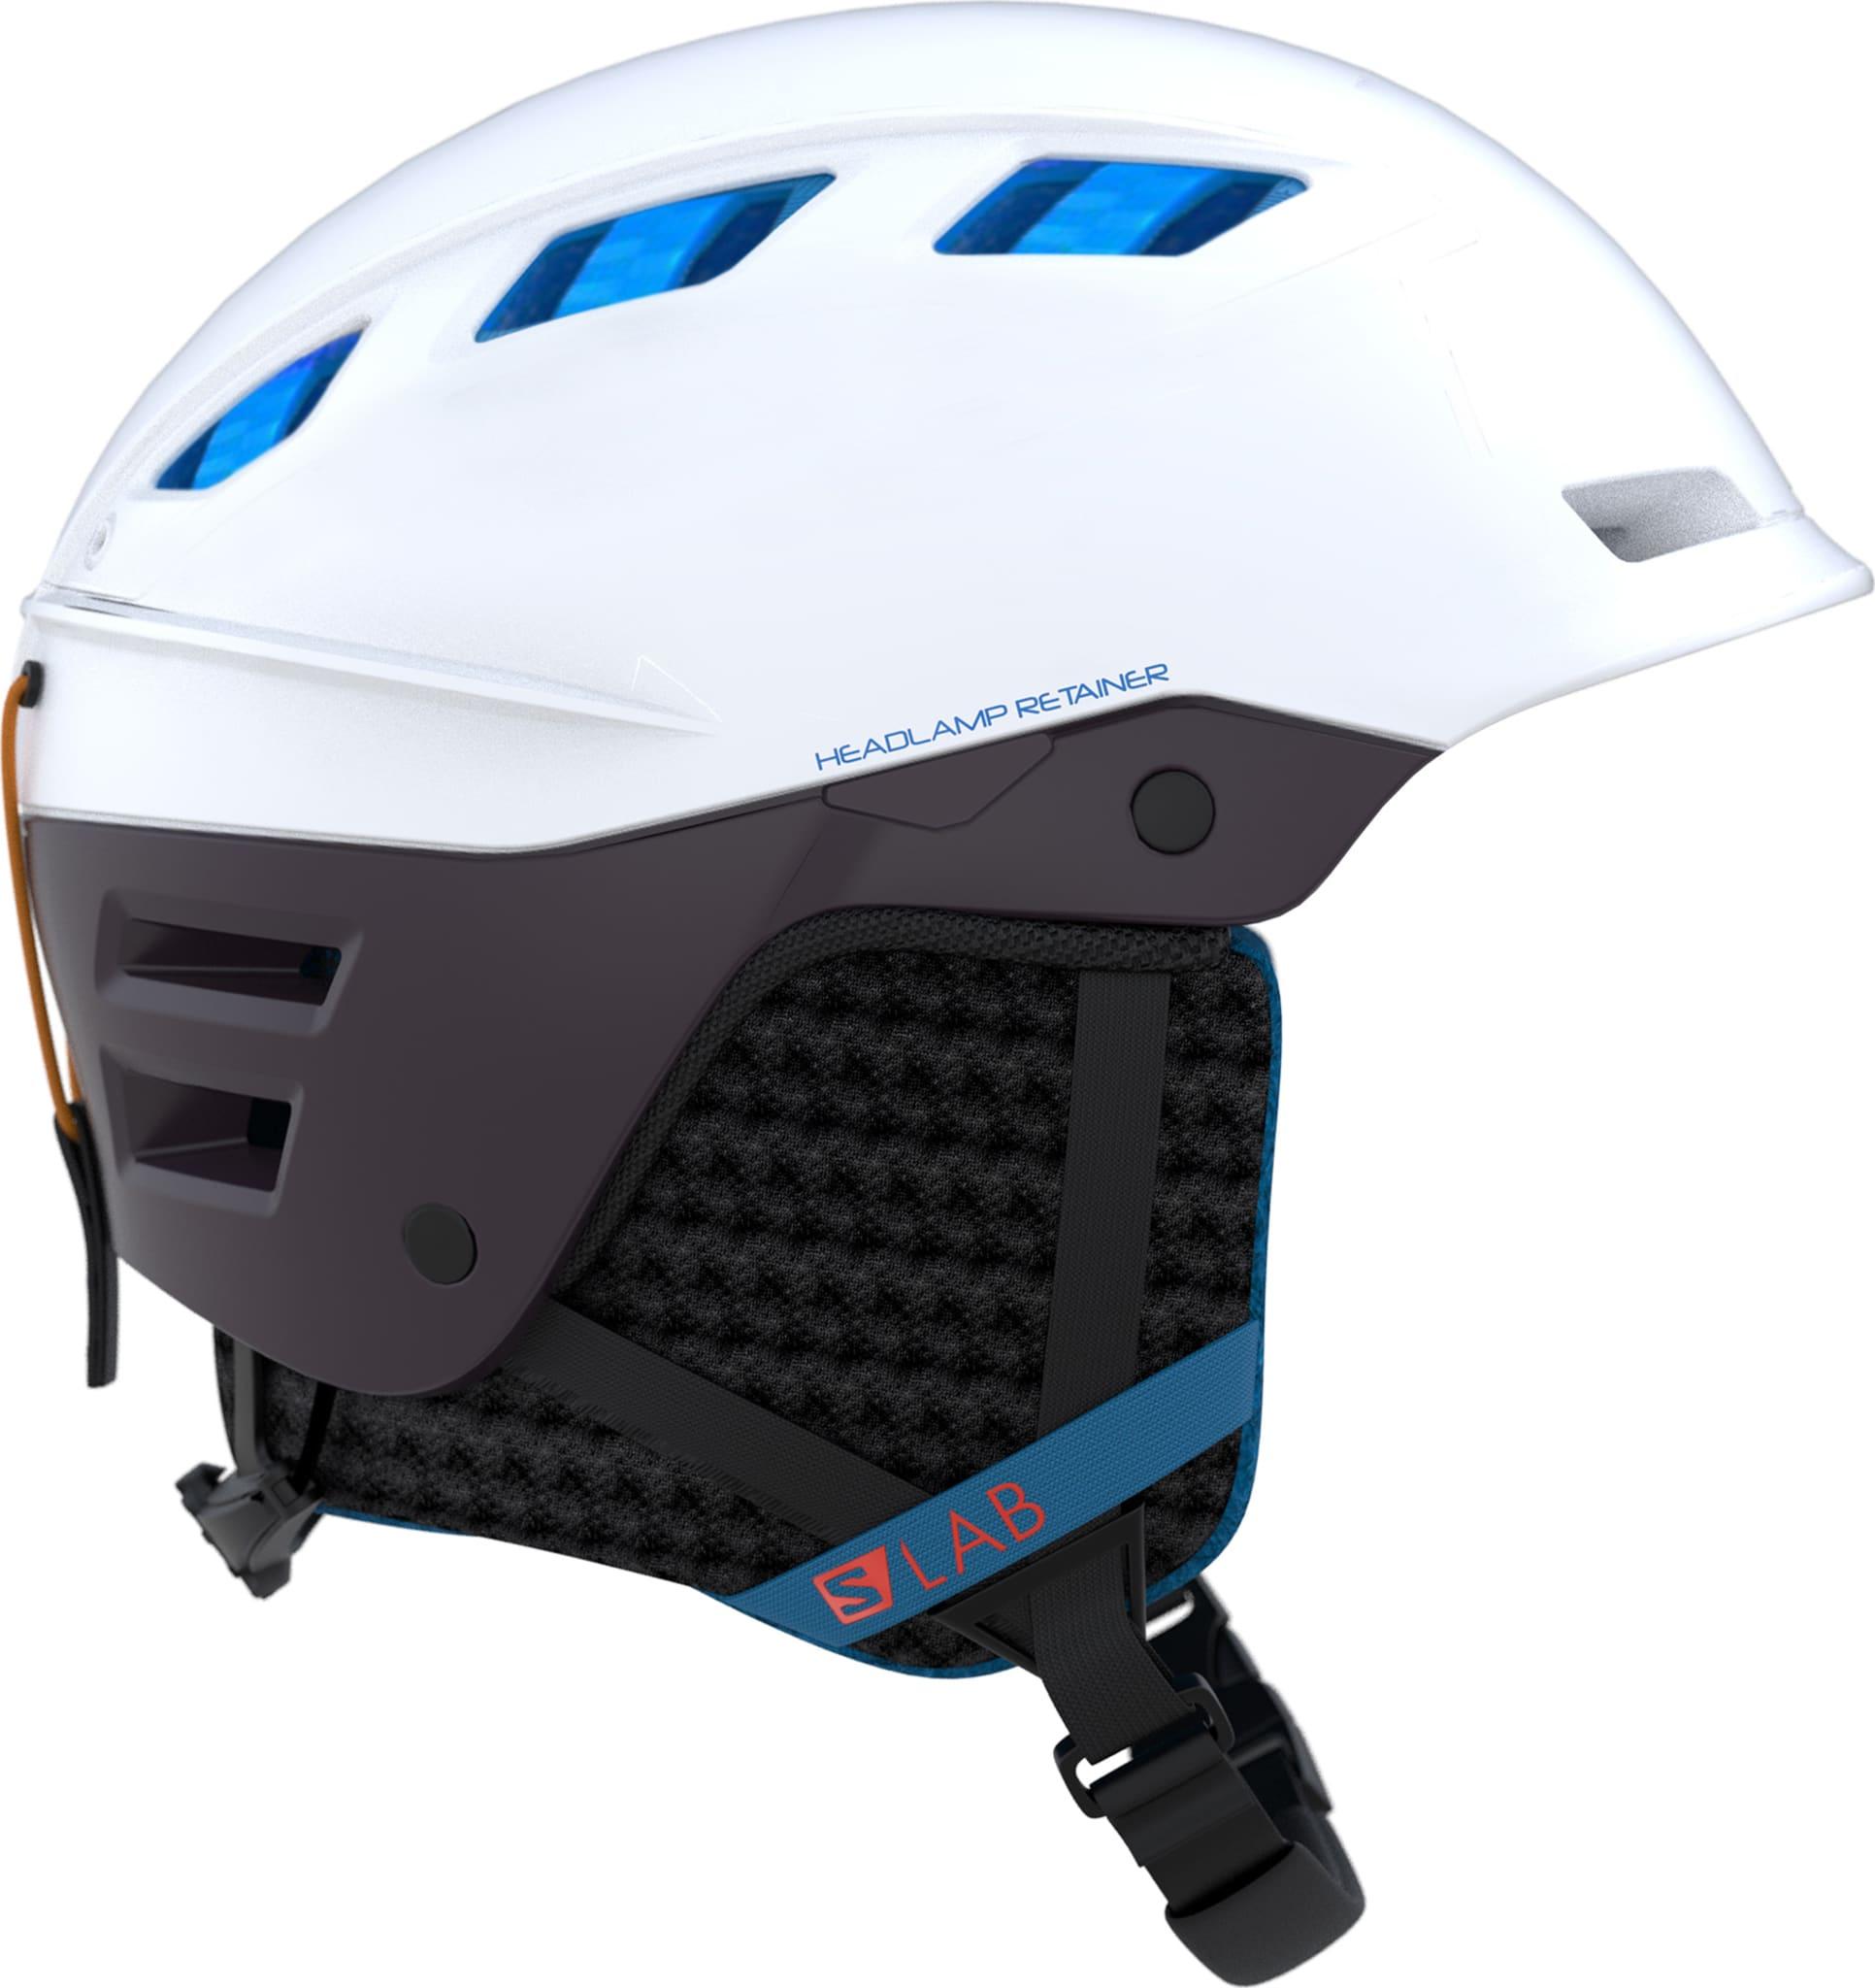 Lett og komfortabl hjelm med dobbel sertifisering